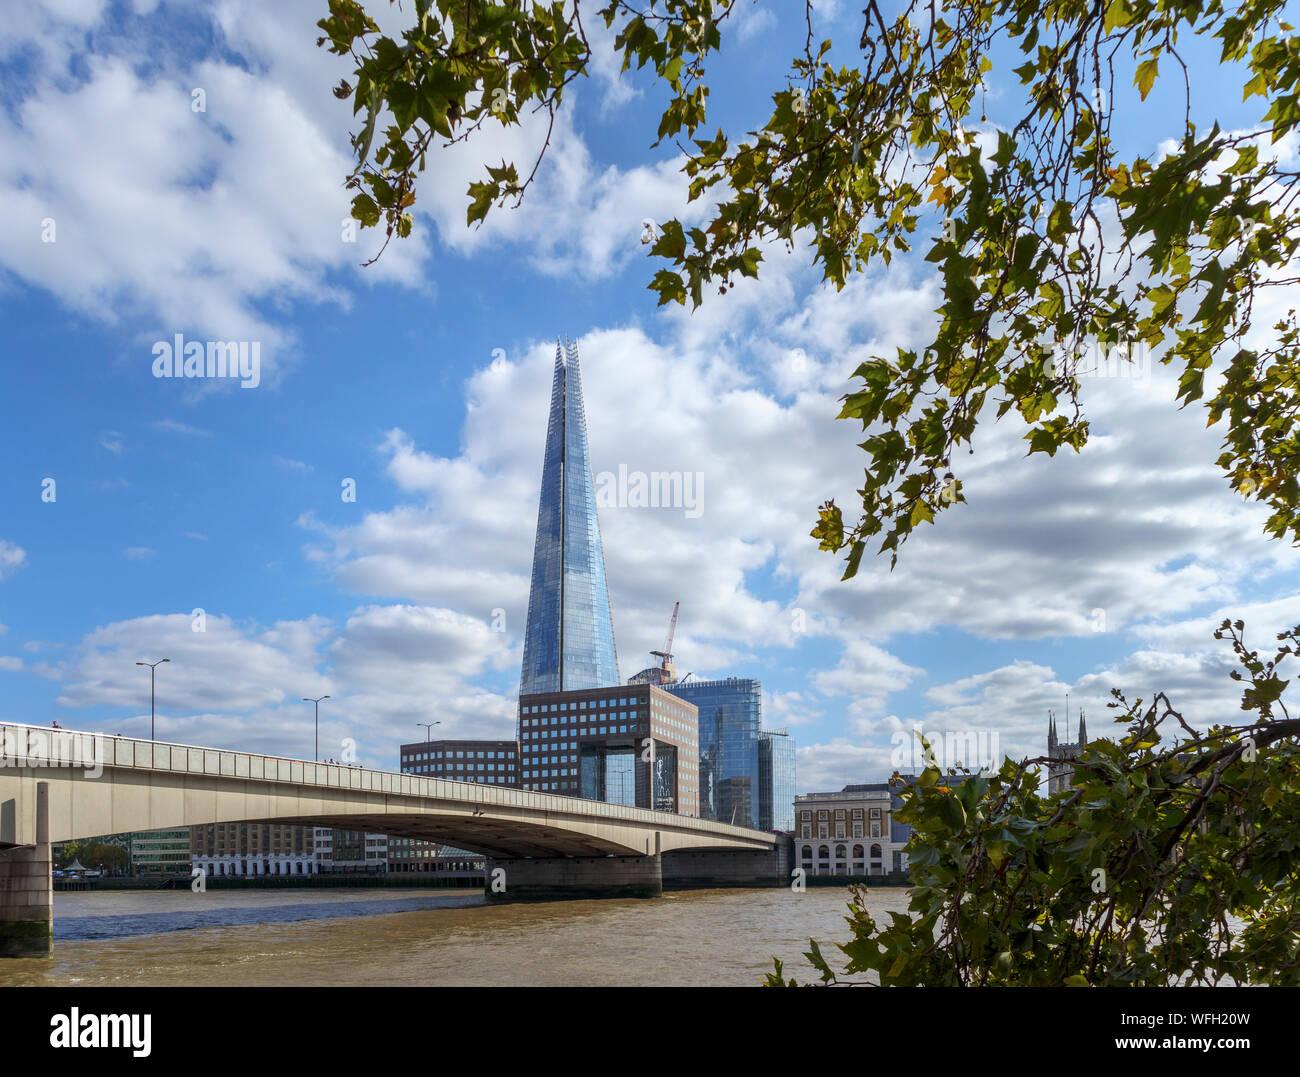 Vista desde el camino del Támesis en la orilla norte del Puente de Londres, mirando al sur por el río Támesis hasta el Shard y el Banco del Sur en Southwark, London SE1 Foto de stock